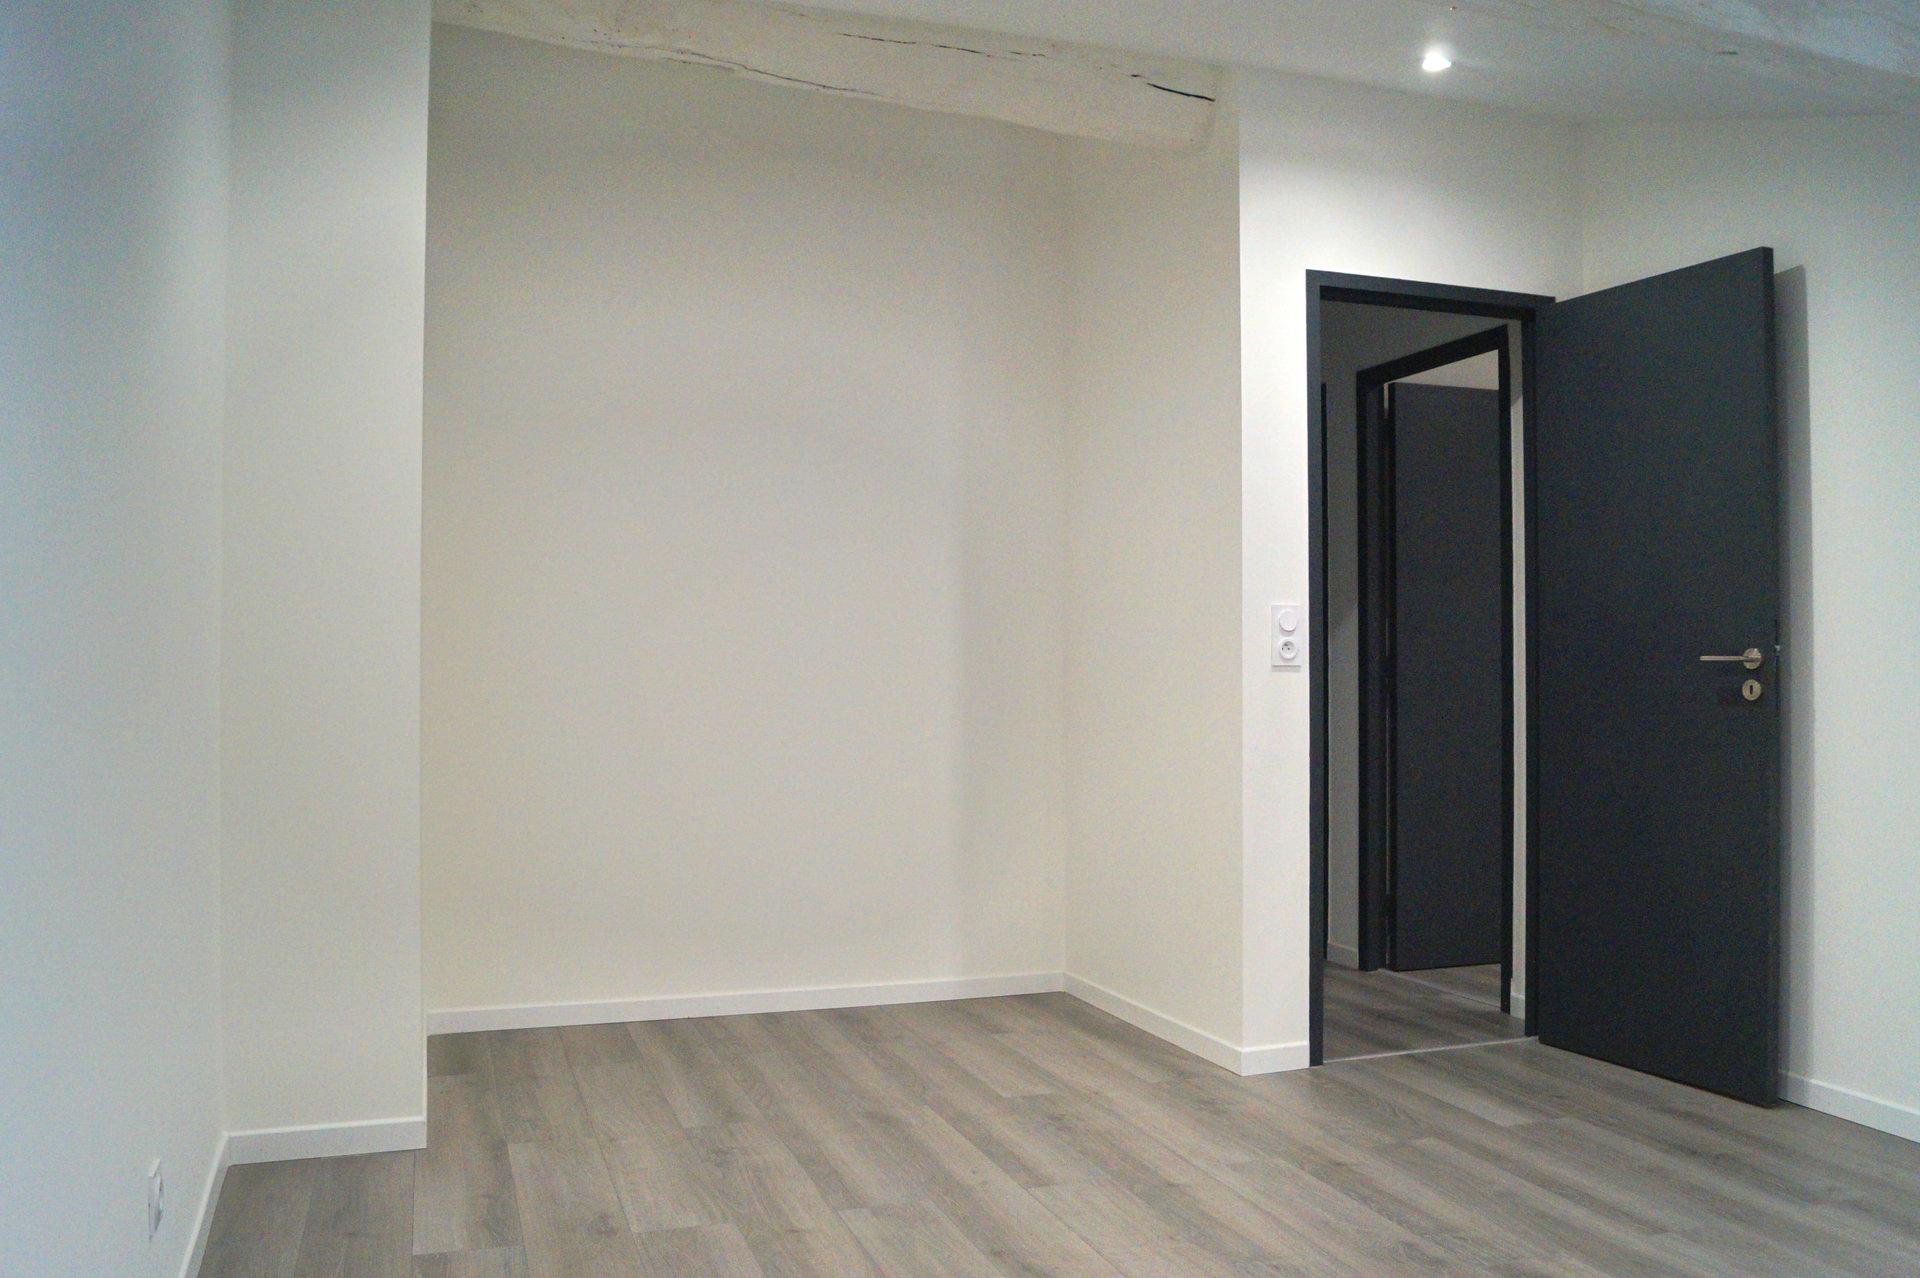 En plein coeur du centre ville de MACON, découvrez cet appartement 4 pièces de 120 m² au sol (108 m² Carrez), entièrement rénové. Situé au 3ème et dernier étage d'une petite copropriété, il bénéficie d'une grande pièce de vie de 56m², avec cuisine équipée, espace salon, séjour et cellier. Un dégagement central dessert deux belles chambres, une salle de bains avec douche italienne, un WC séparé, et un bureau pouvant servir de troisième chambre. Vous apprécierez les volumes et hauteurs sous plafond, la modernité et la qualité de la rénovation. Un espace grenier vient compléter cet appartement spacieux, atypique et confortable. Bien soumis au régime de la copropriété, nombre de lots 4, montant des charges 200 euros par an. Honoraires à la charge du vendeur.